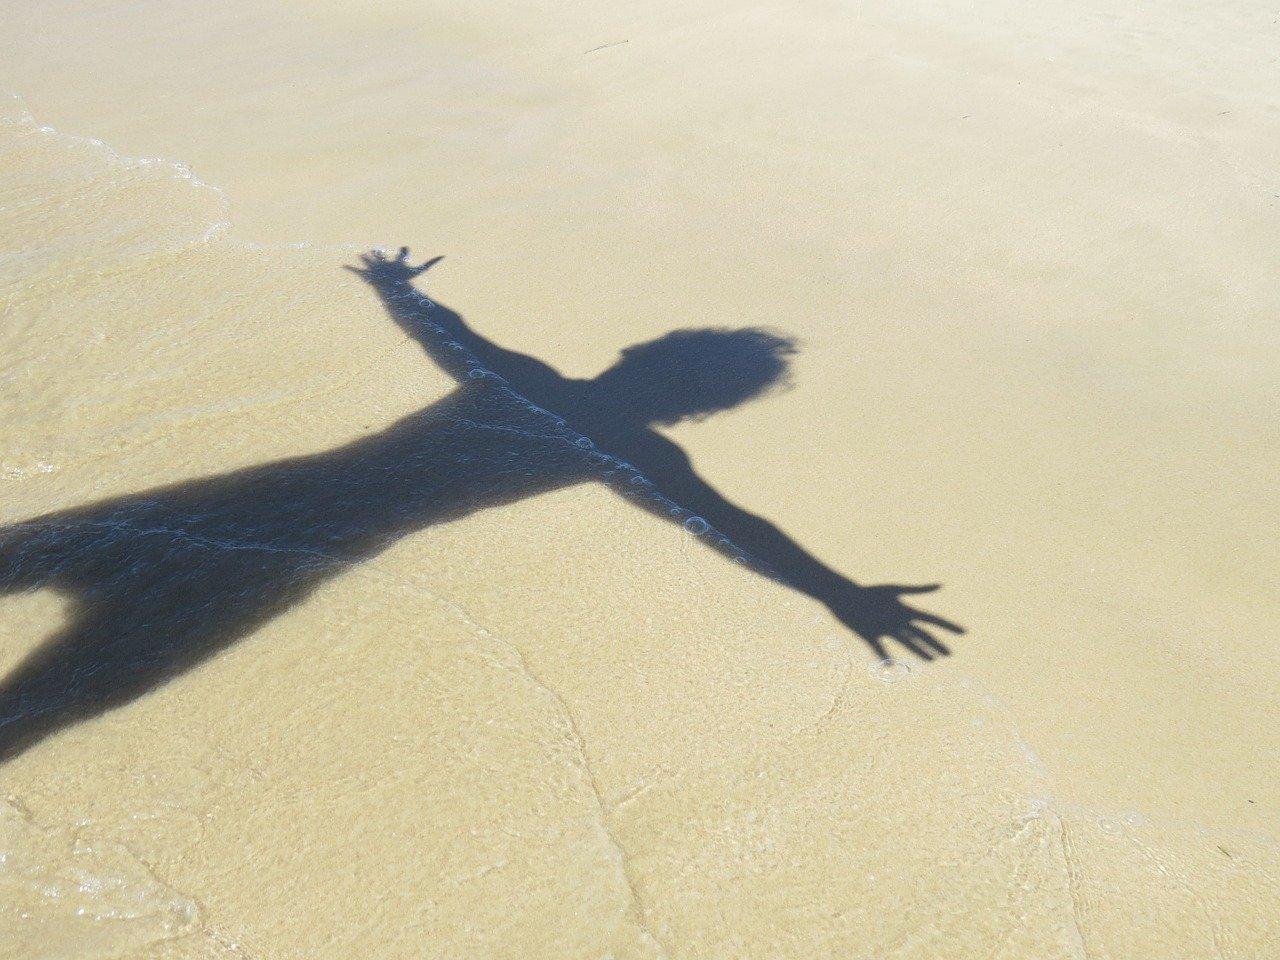 fotos de sombra na praia